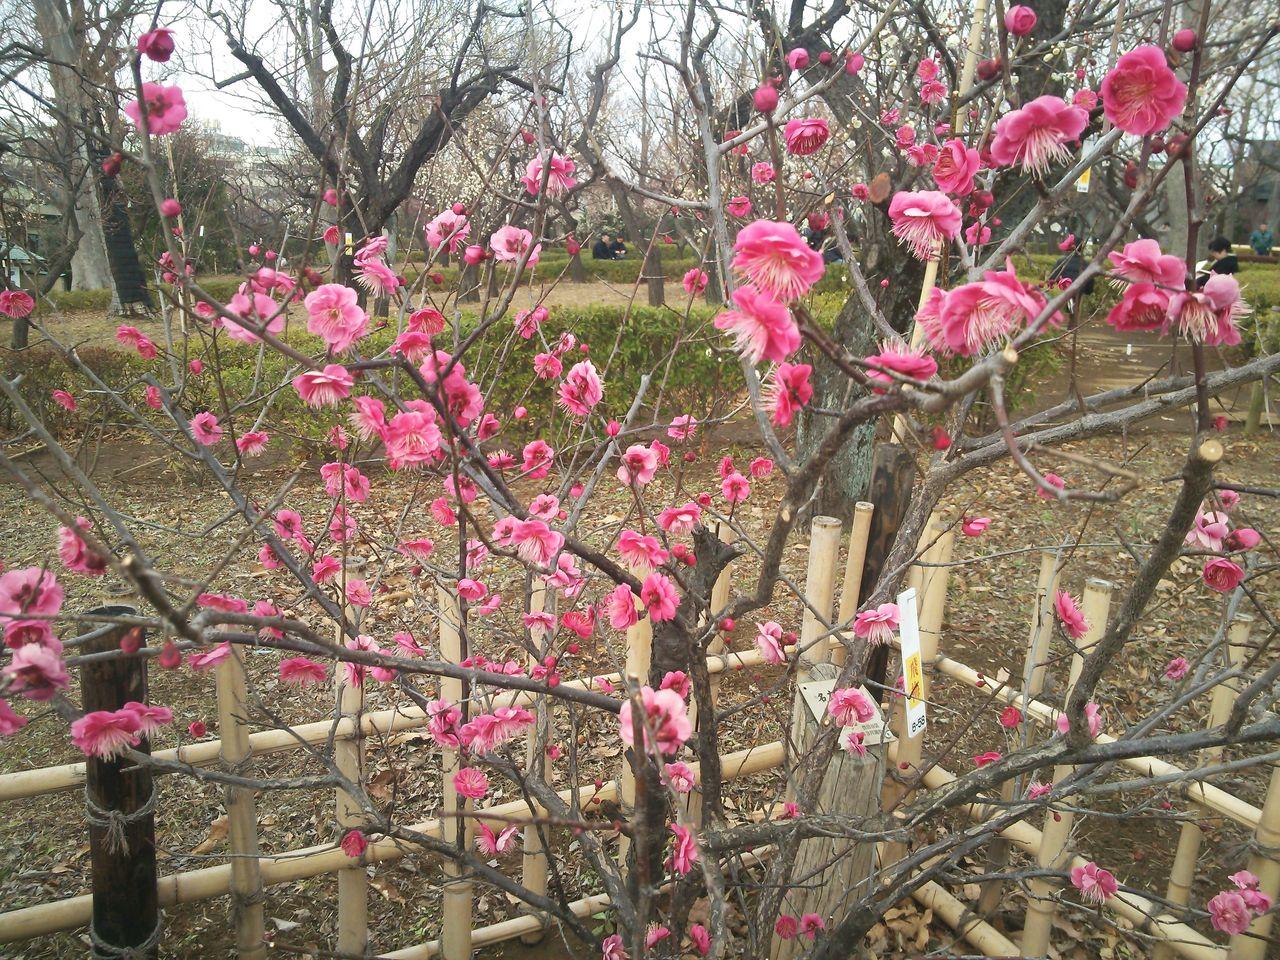 梅 2月9日より梅ヶ丘の羽根木公園で「第36回せたがや梅まつり」が開催され... 第36回せたが